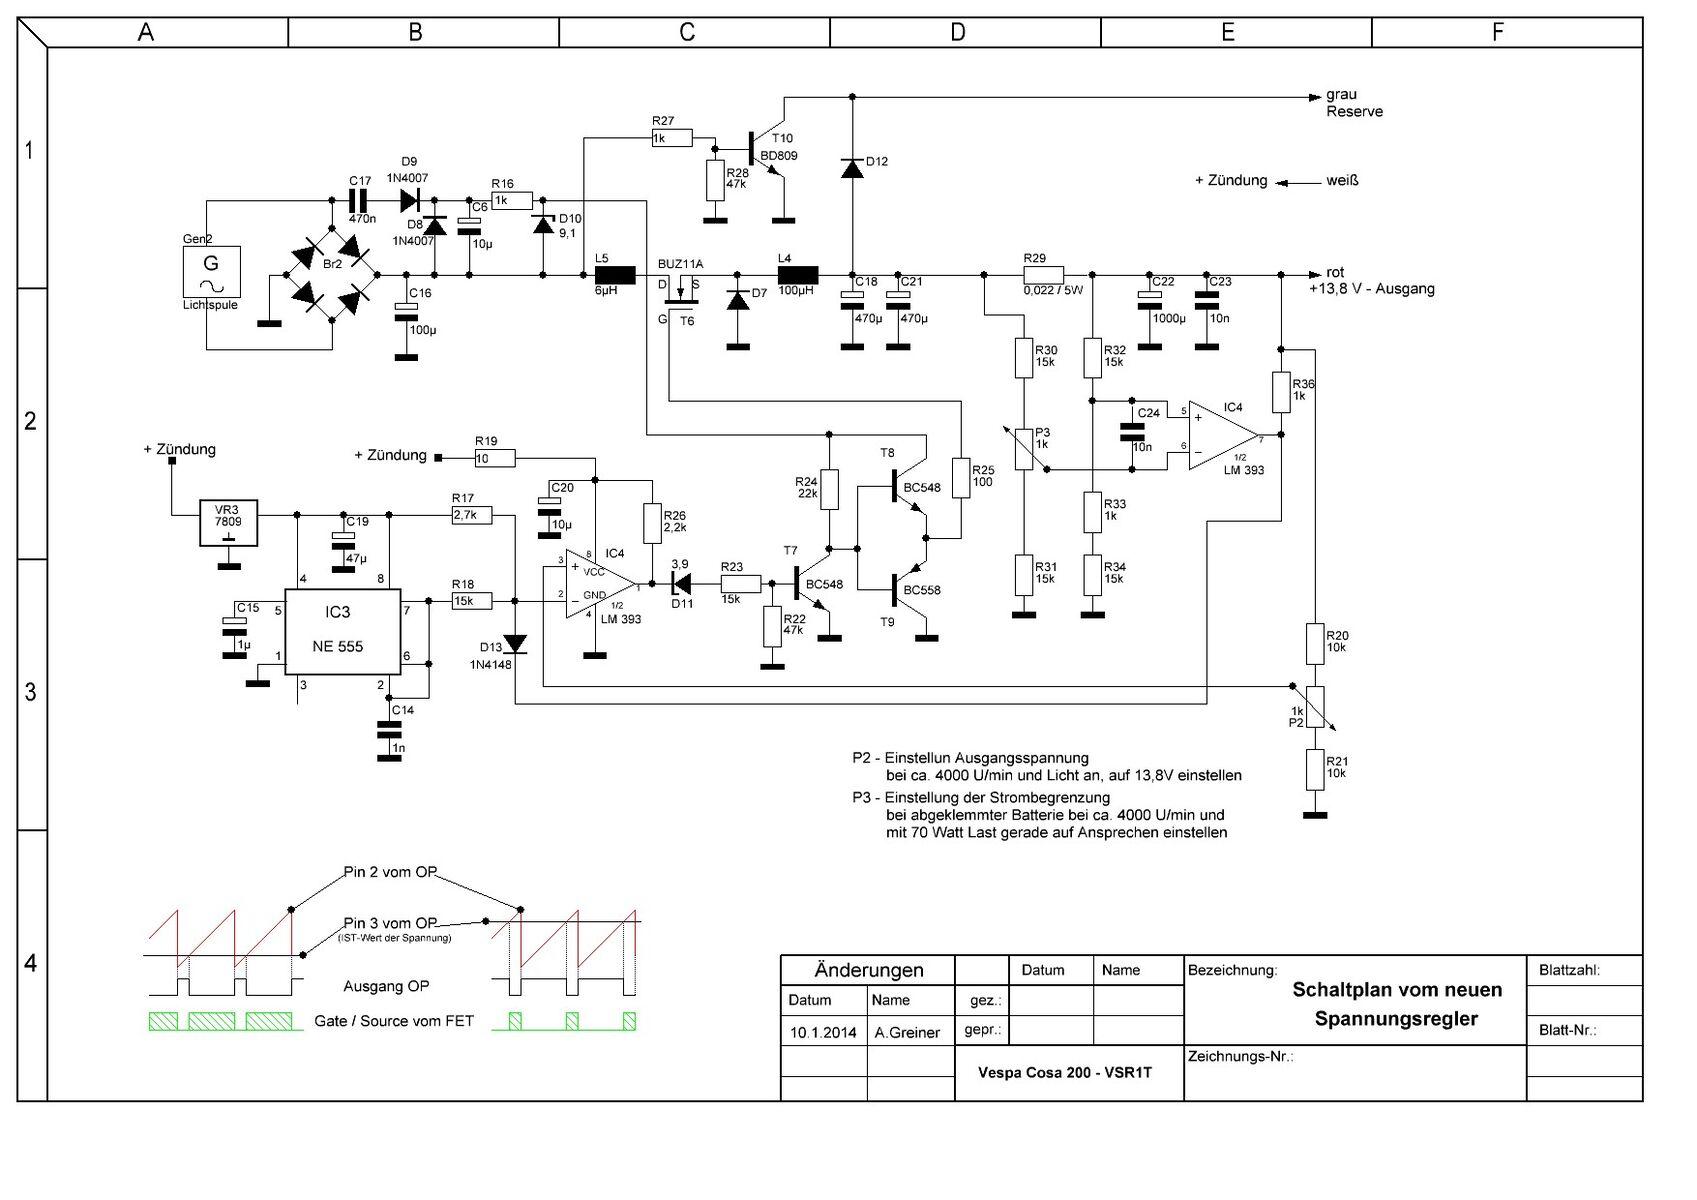 Fantastisch Delco Spannungsregler Schaltplan Fotos - Der Schaltplan ...